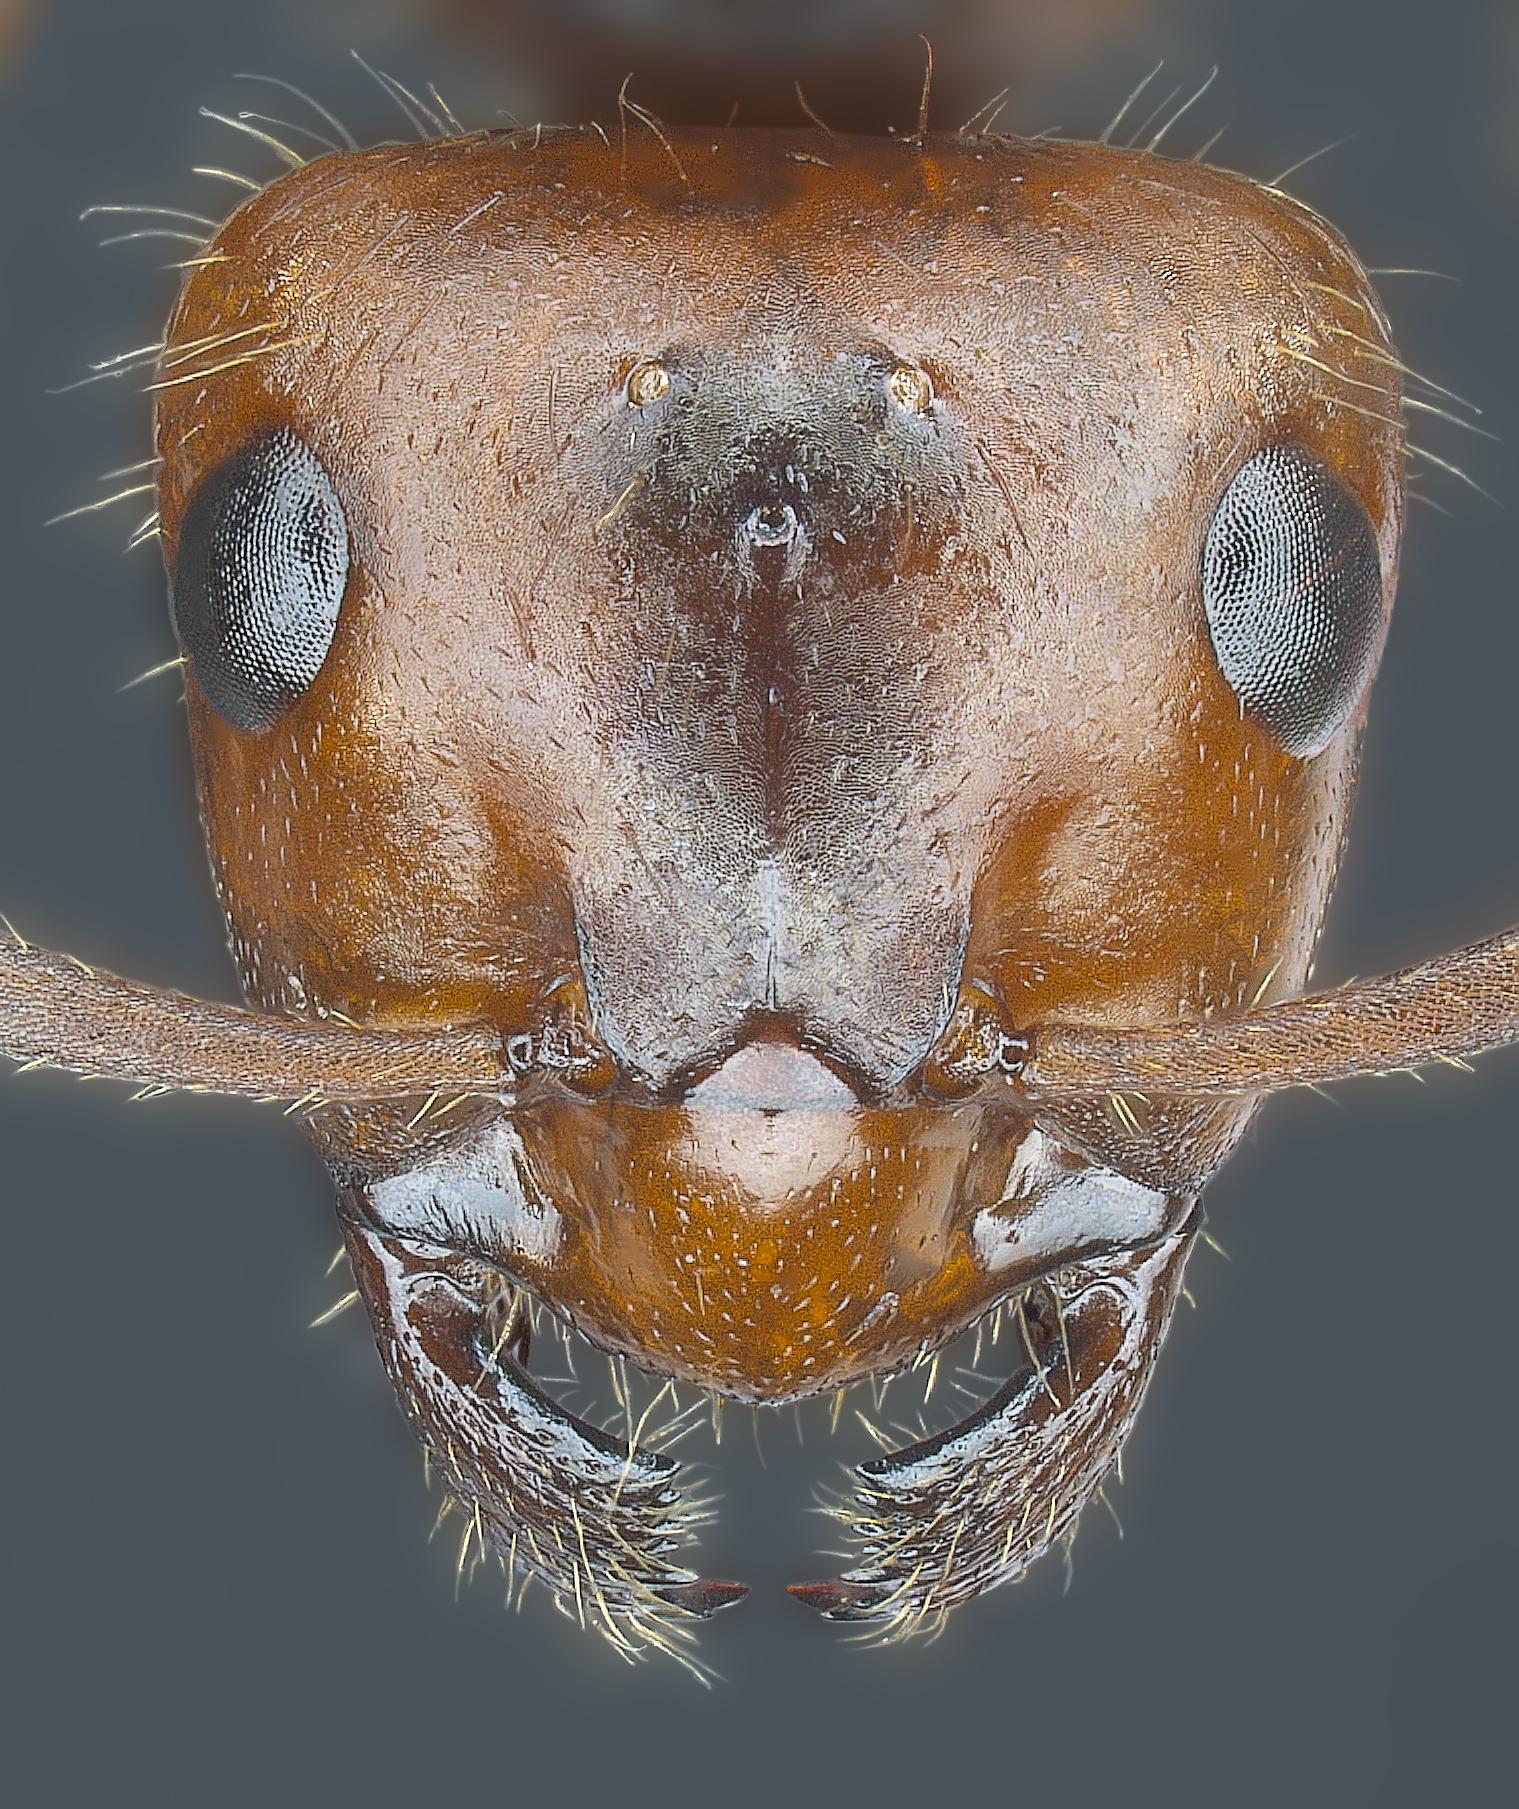 Formica truncorum gyne